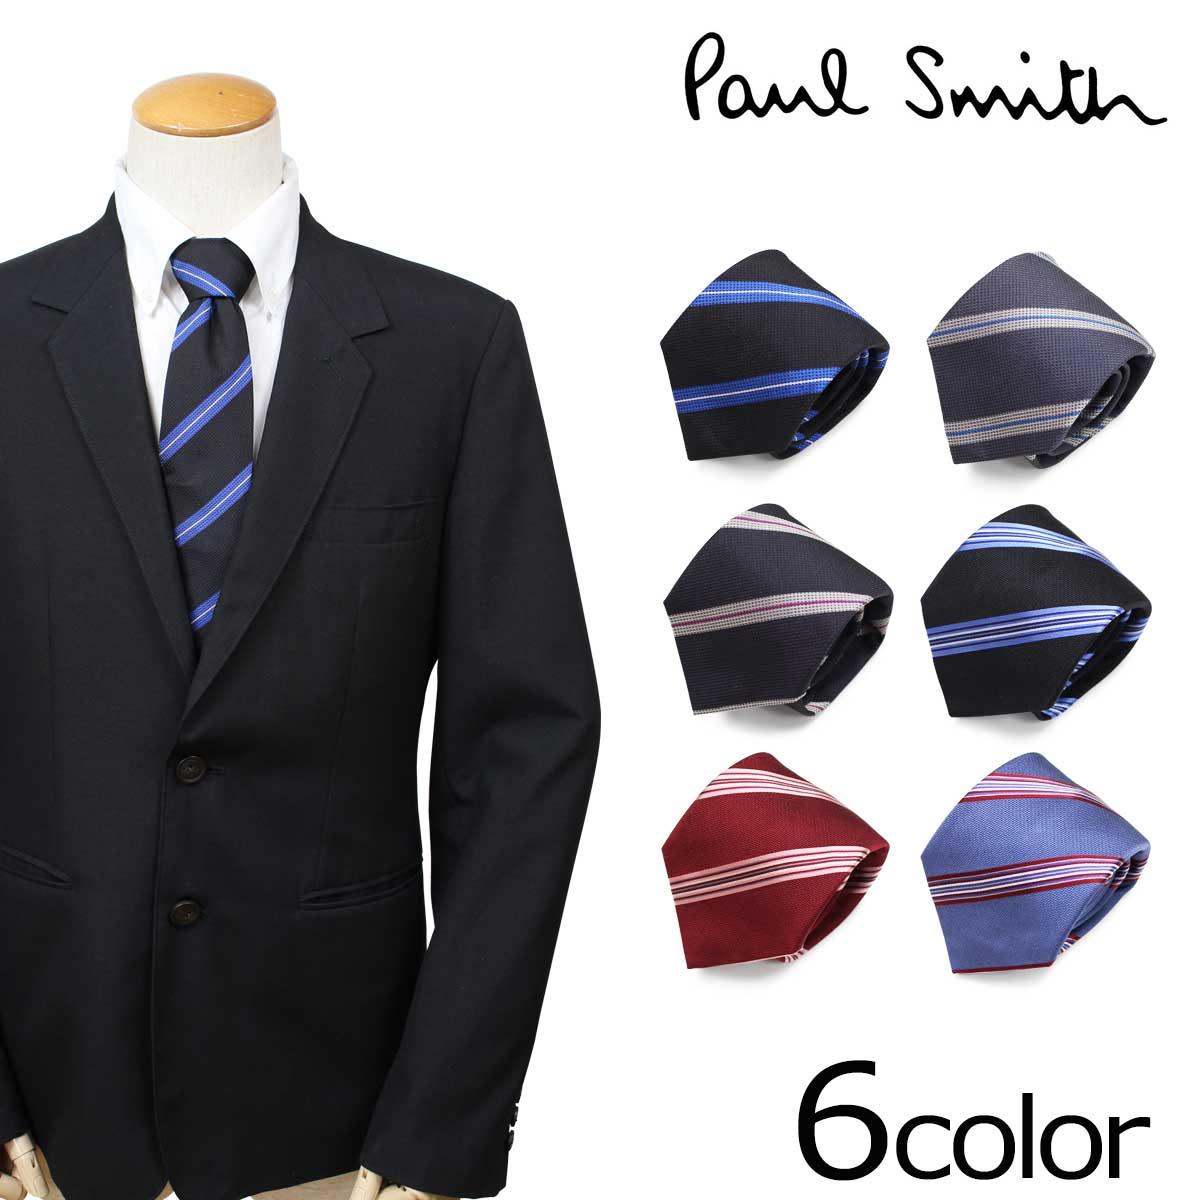 Paul Smith ネクタイ シルク メンズ ポールスミス イタリア製 ビジネス 結婚式 ギフト